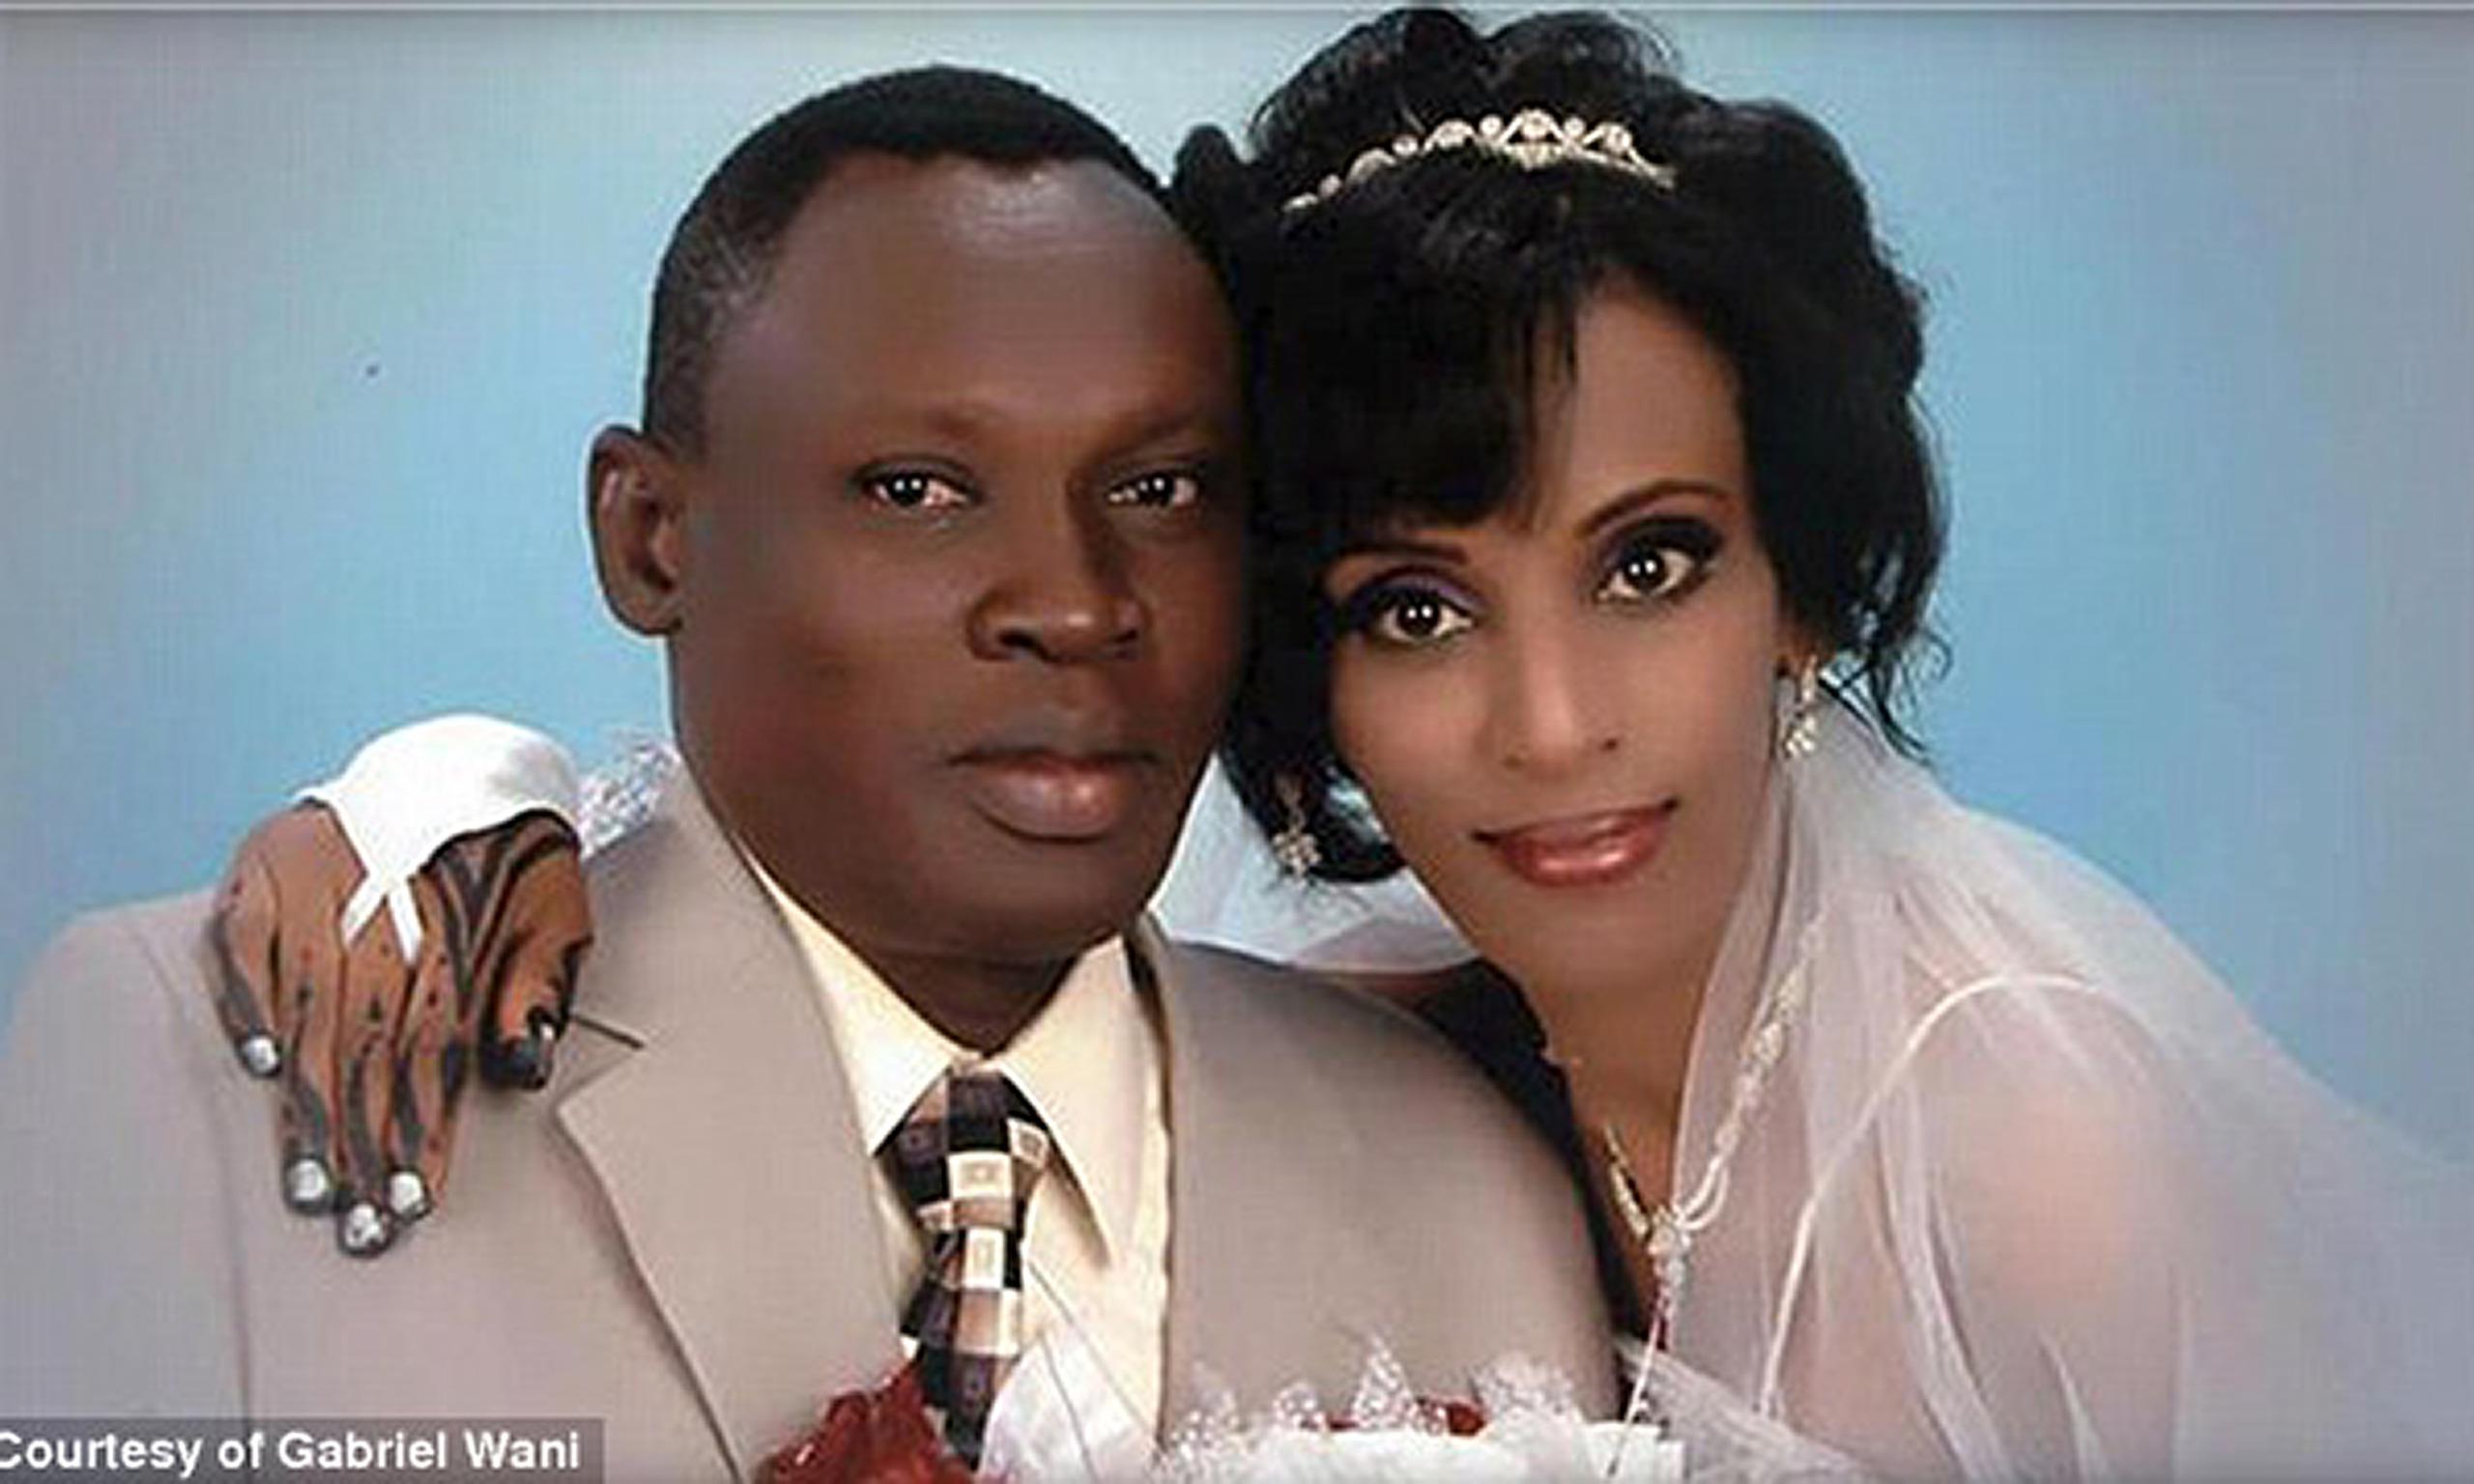 Matrimonio Mixto Catolico Musulman : Condenada a muerte por apostasía y adulterio goldman